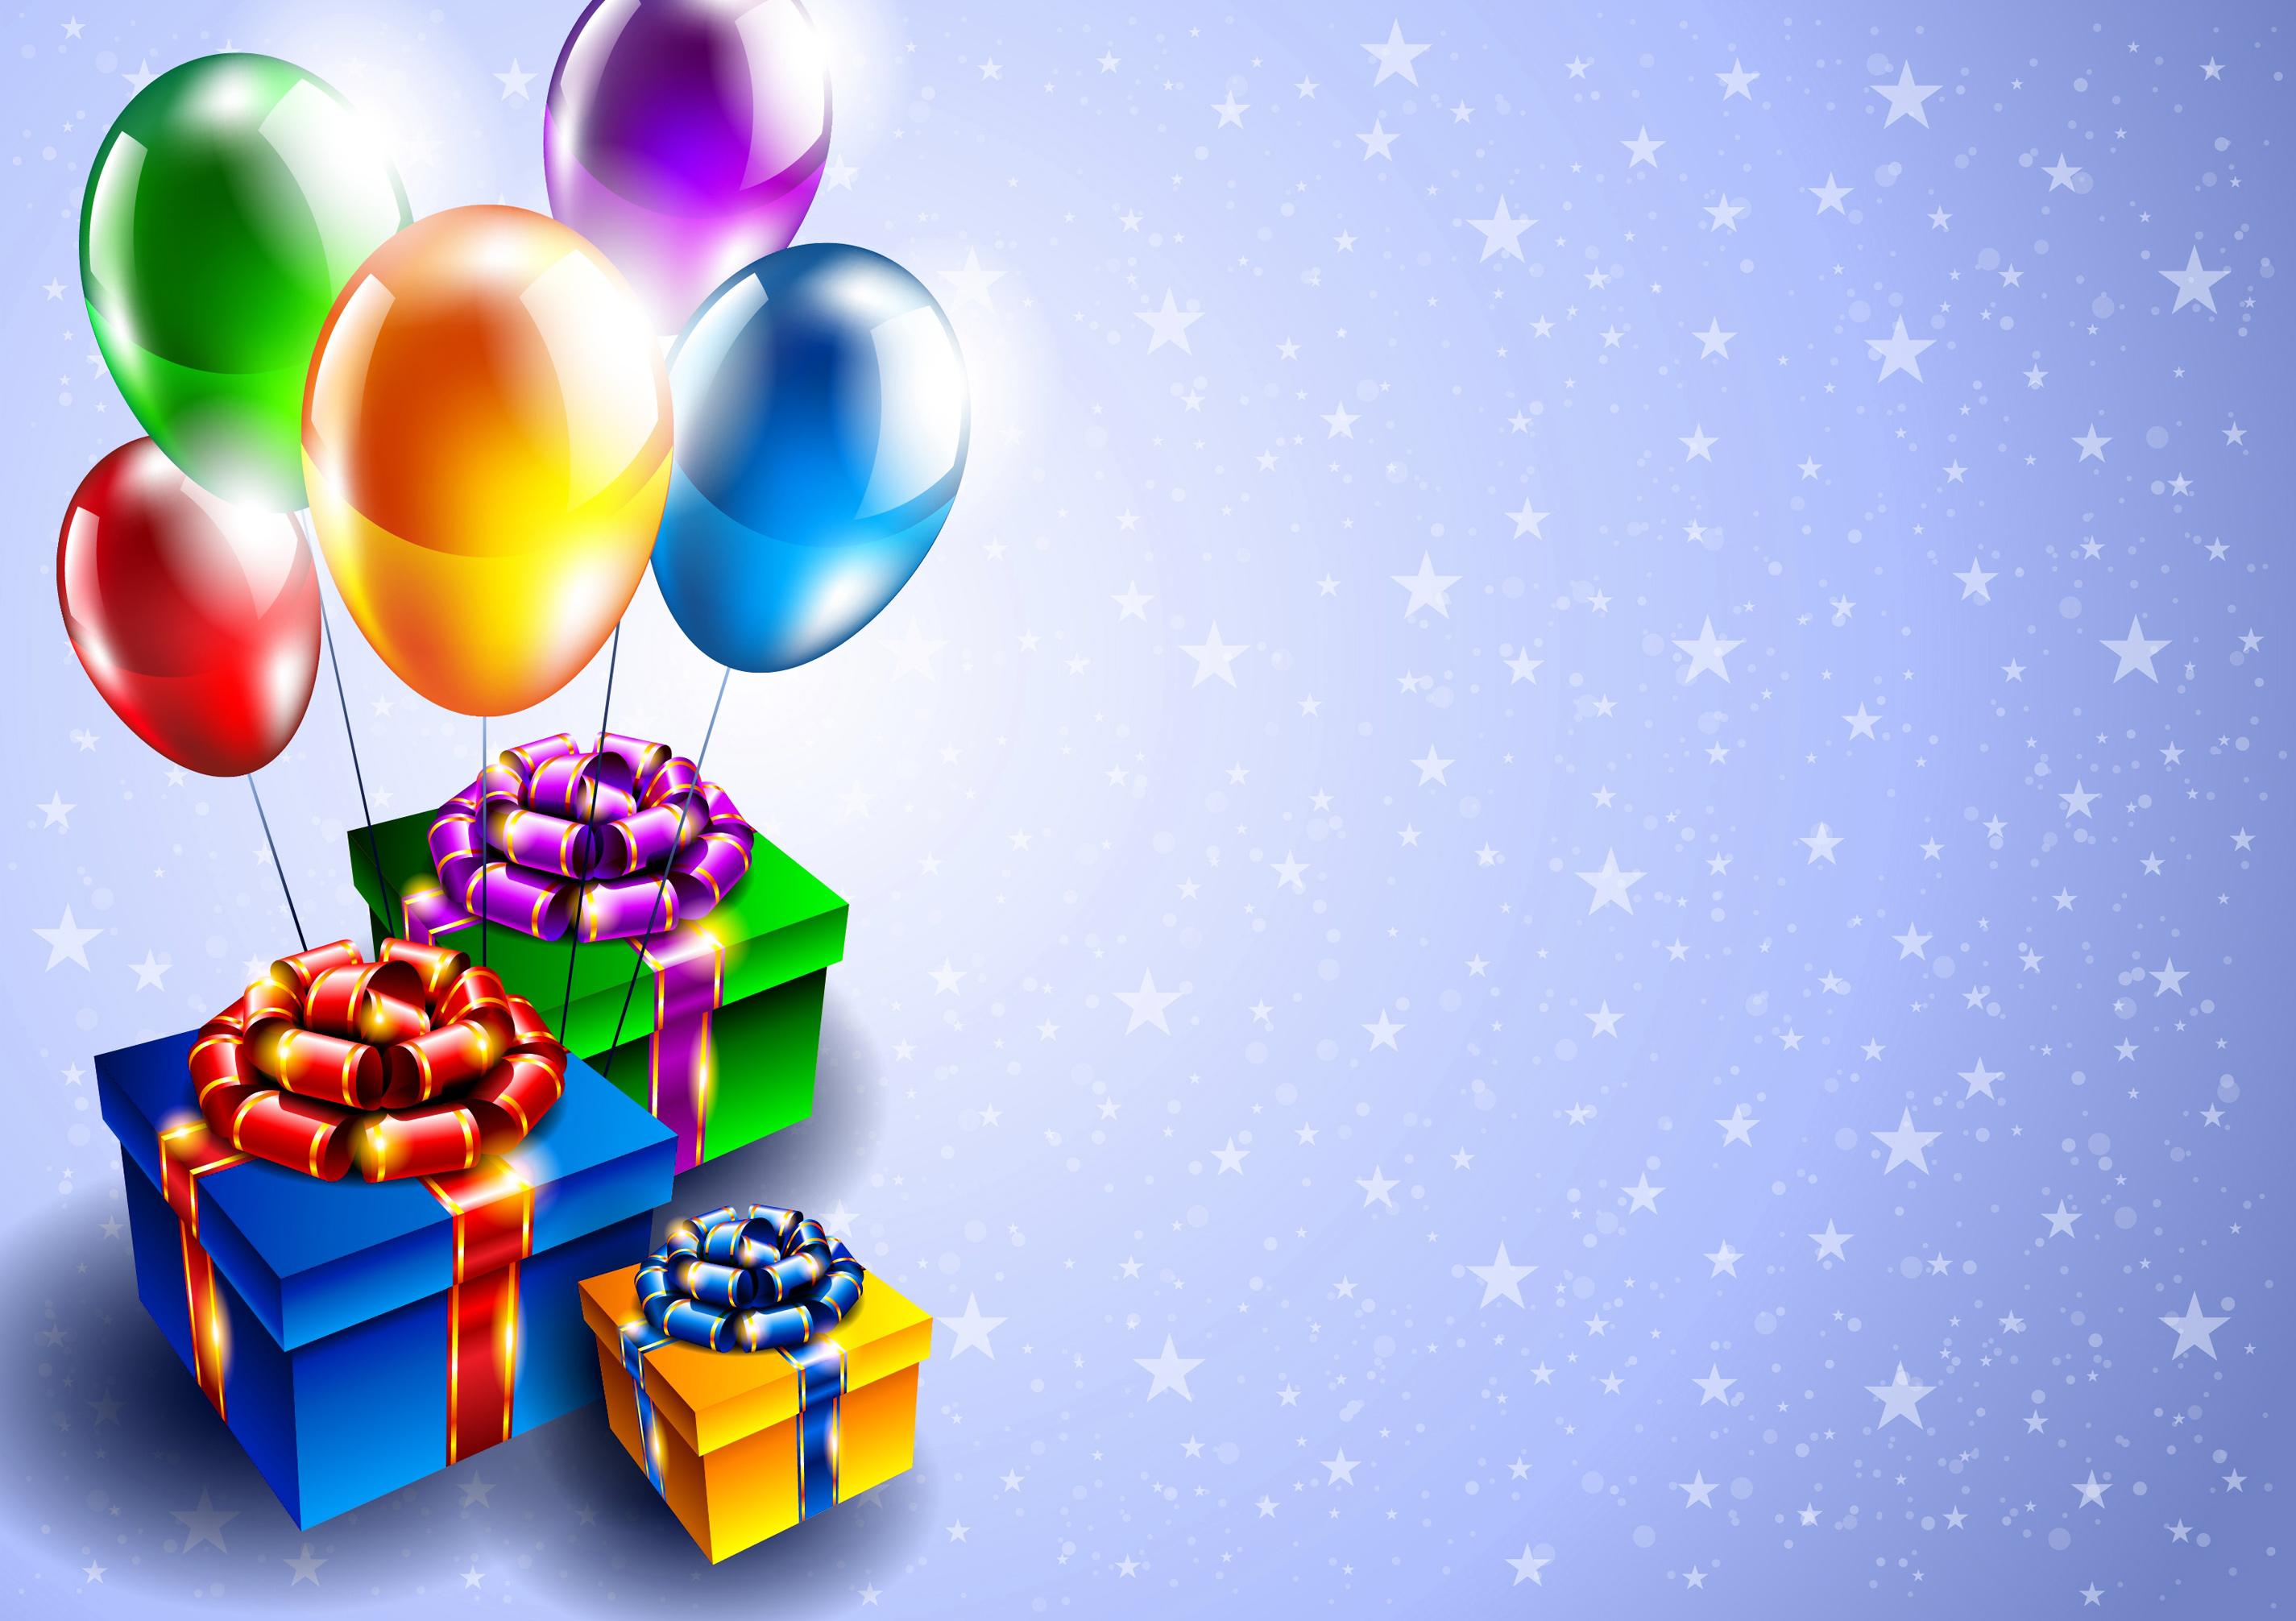 Balloon Birthday Invitation with luxury invitation layout